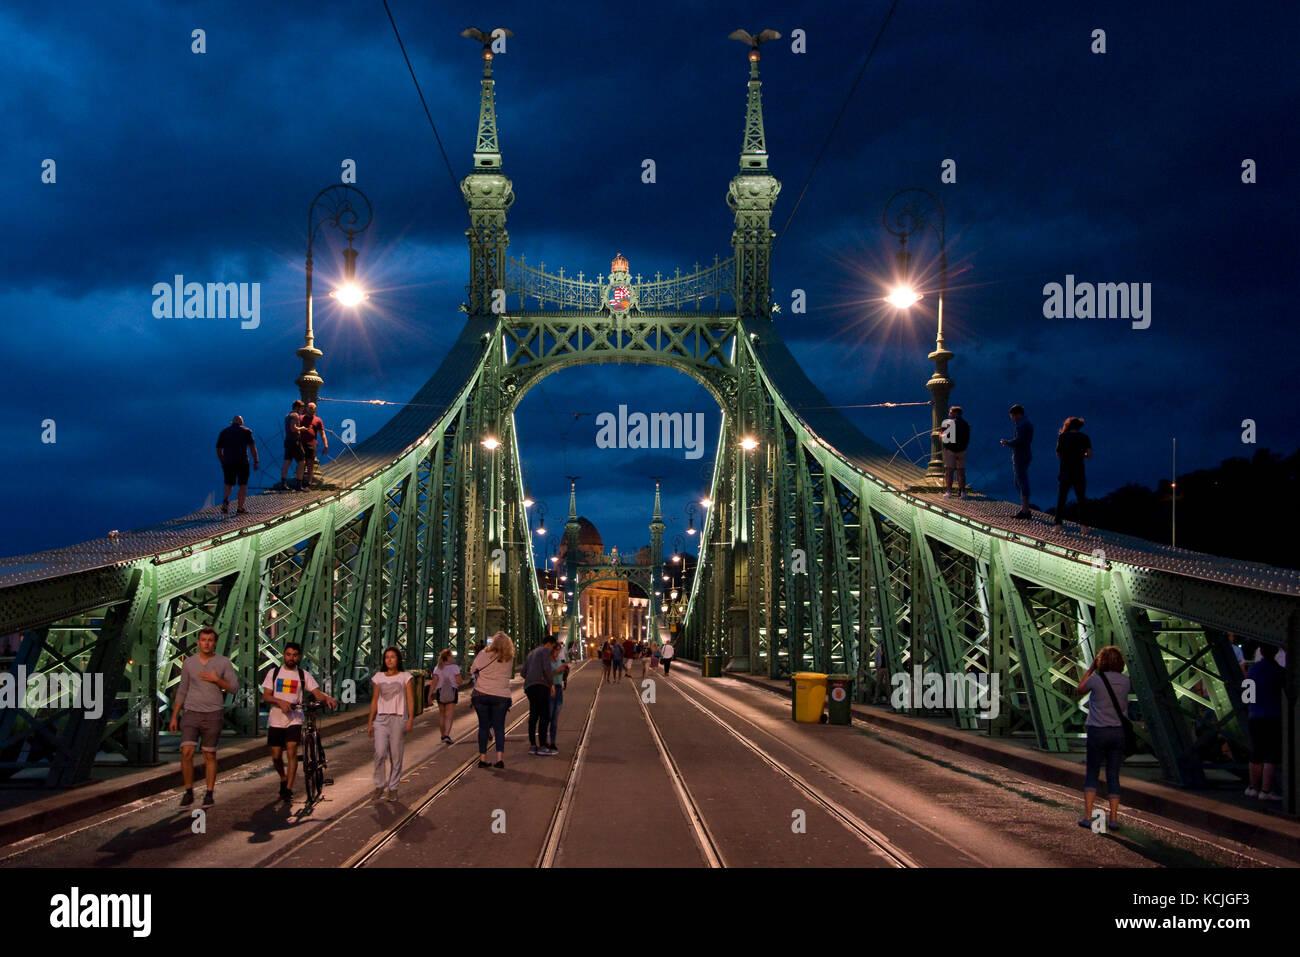 Die Brücke in Budapest ist ab und an alle unseres Hauses, wo Menschen gehen kann und sich auf sie klettern Stockbild